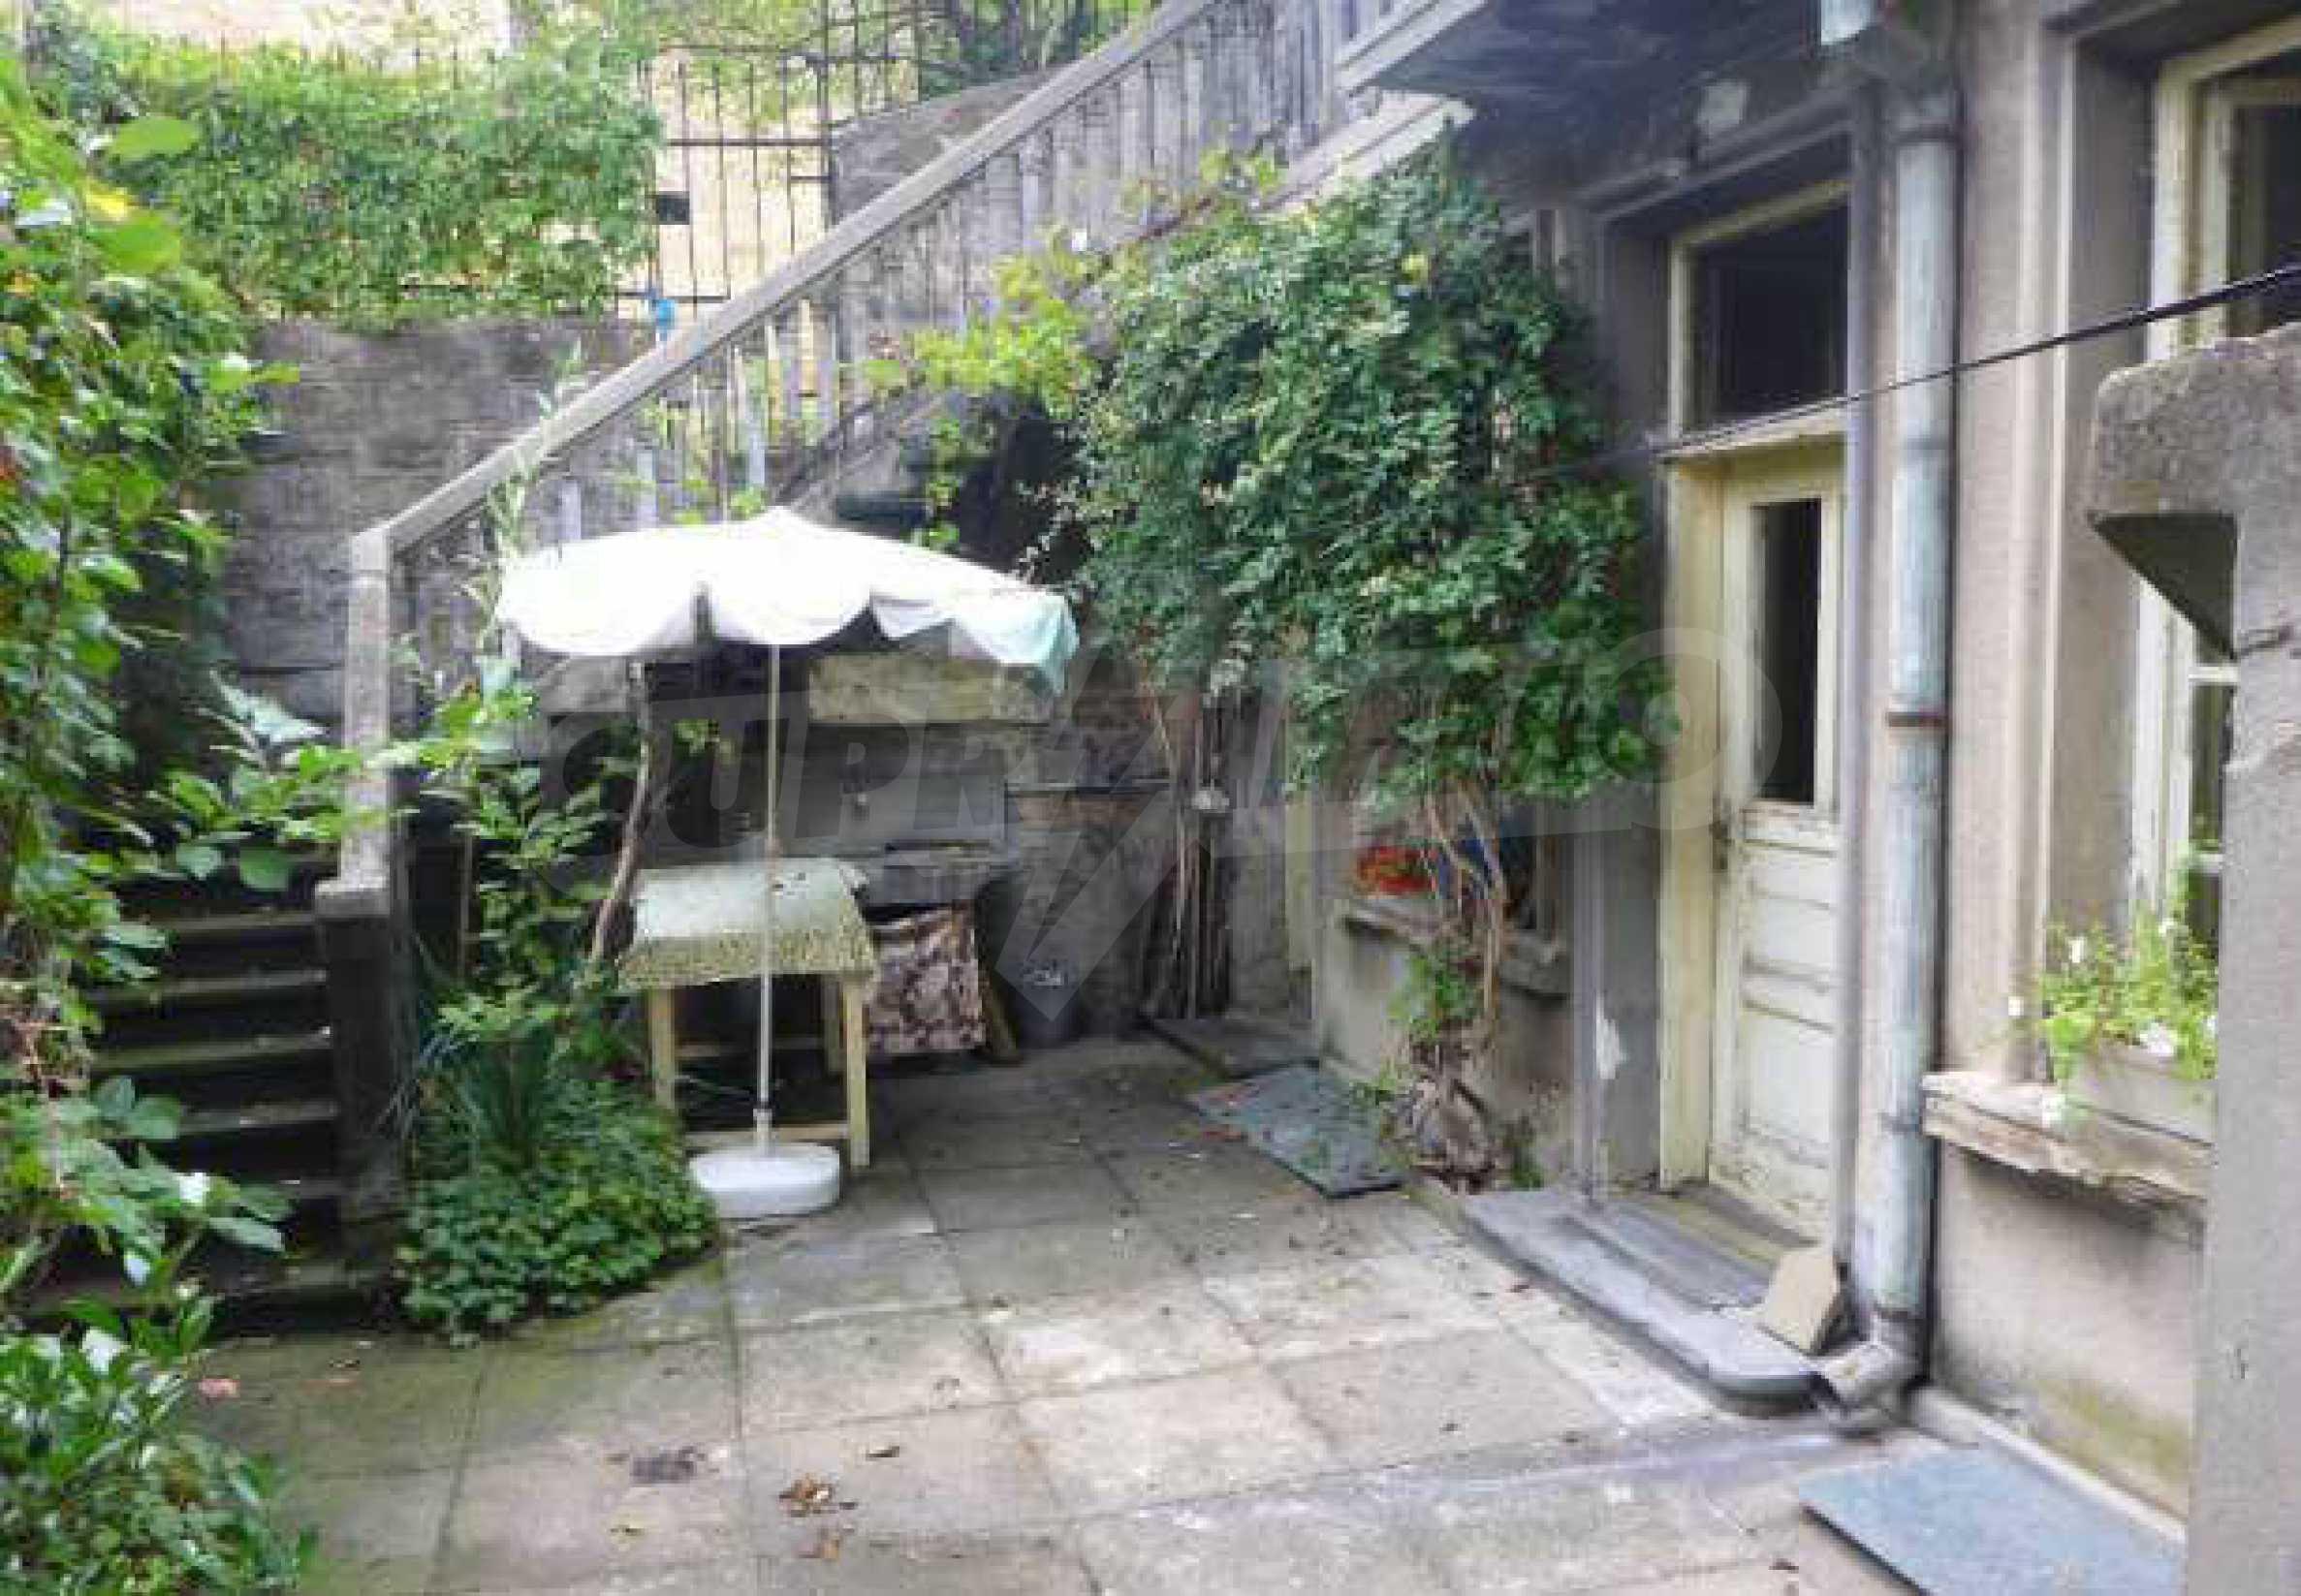 Атрактивен градски имот с магазин в населено място на 24 км от град В.Търново  1